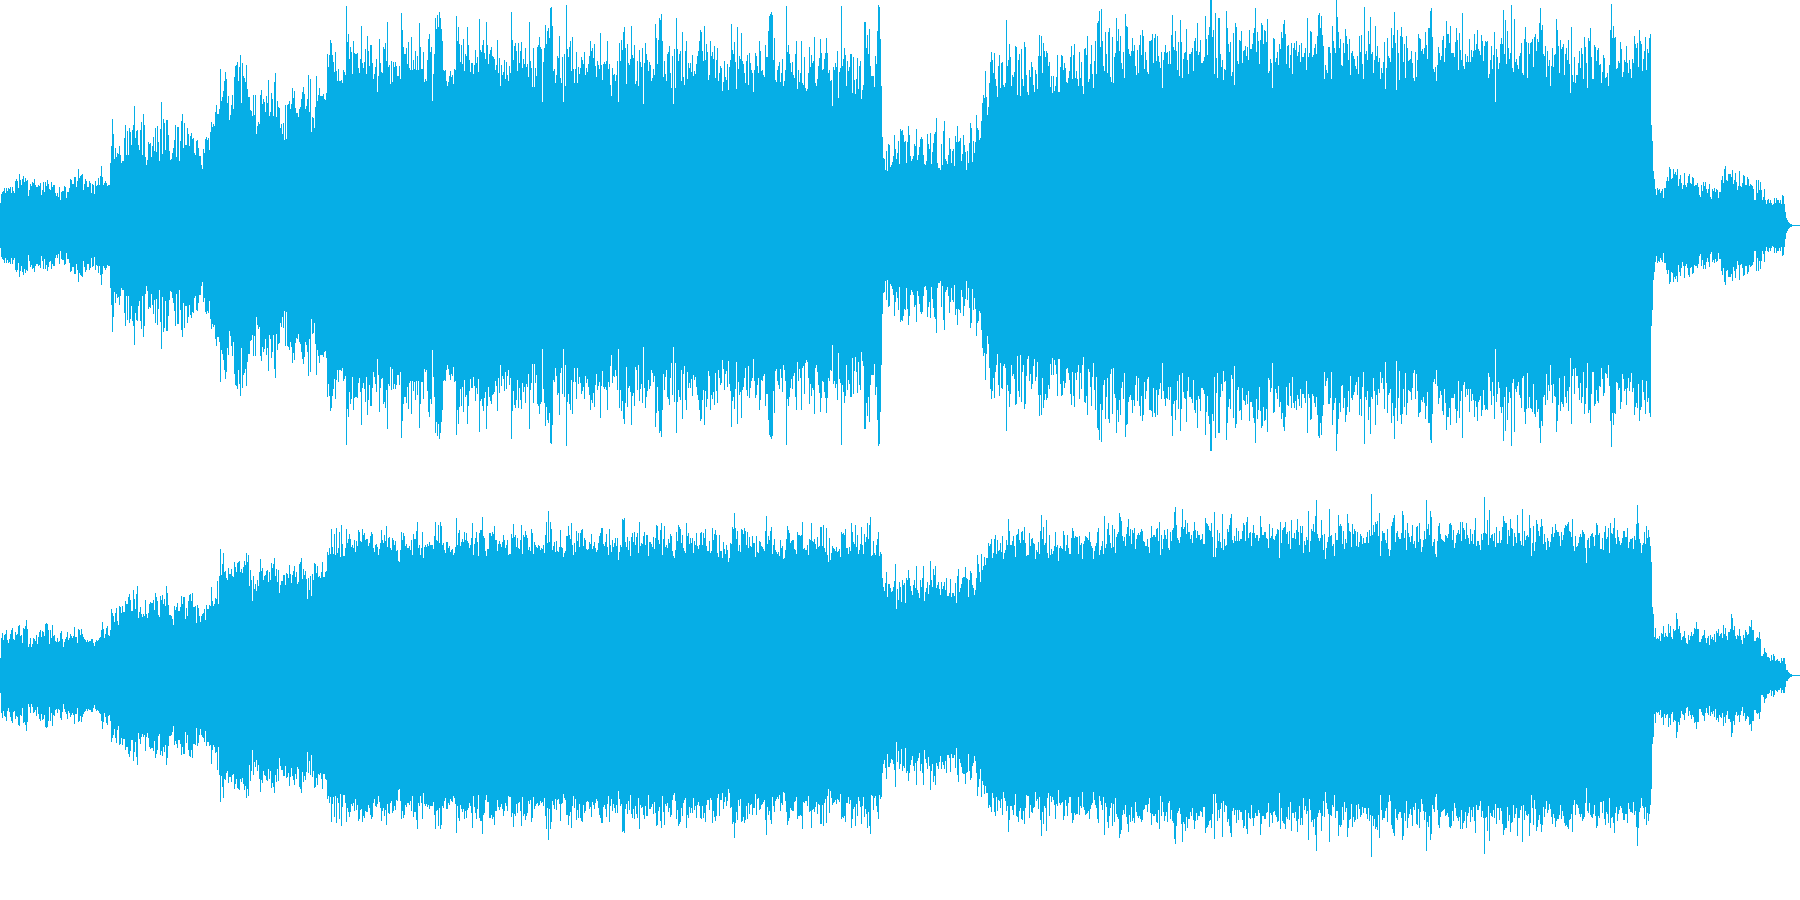 オーケストラっぽくしてみました。ゲーム…の再生済みの波形